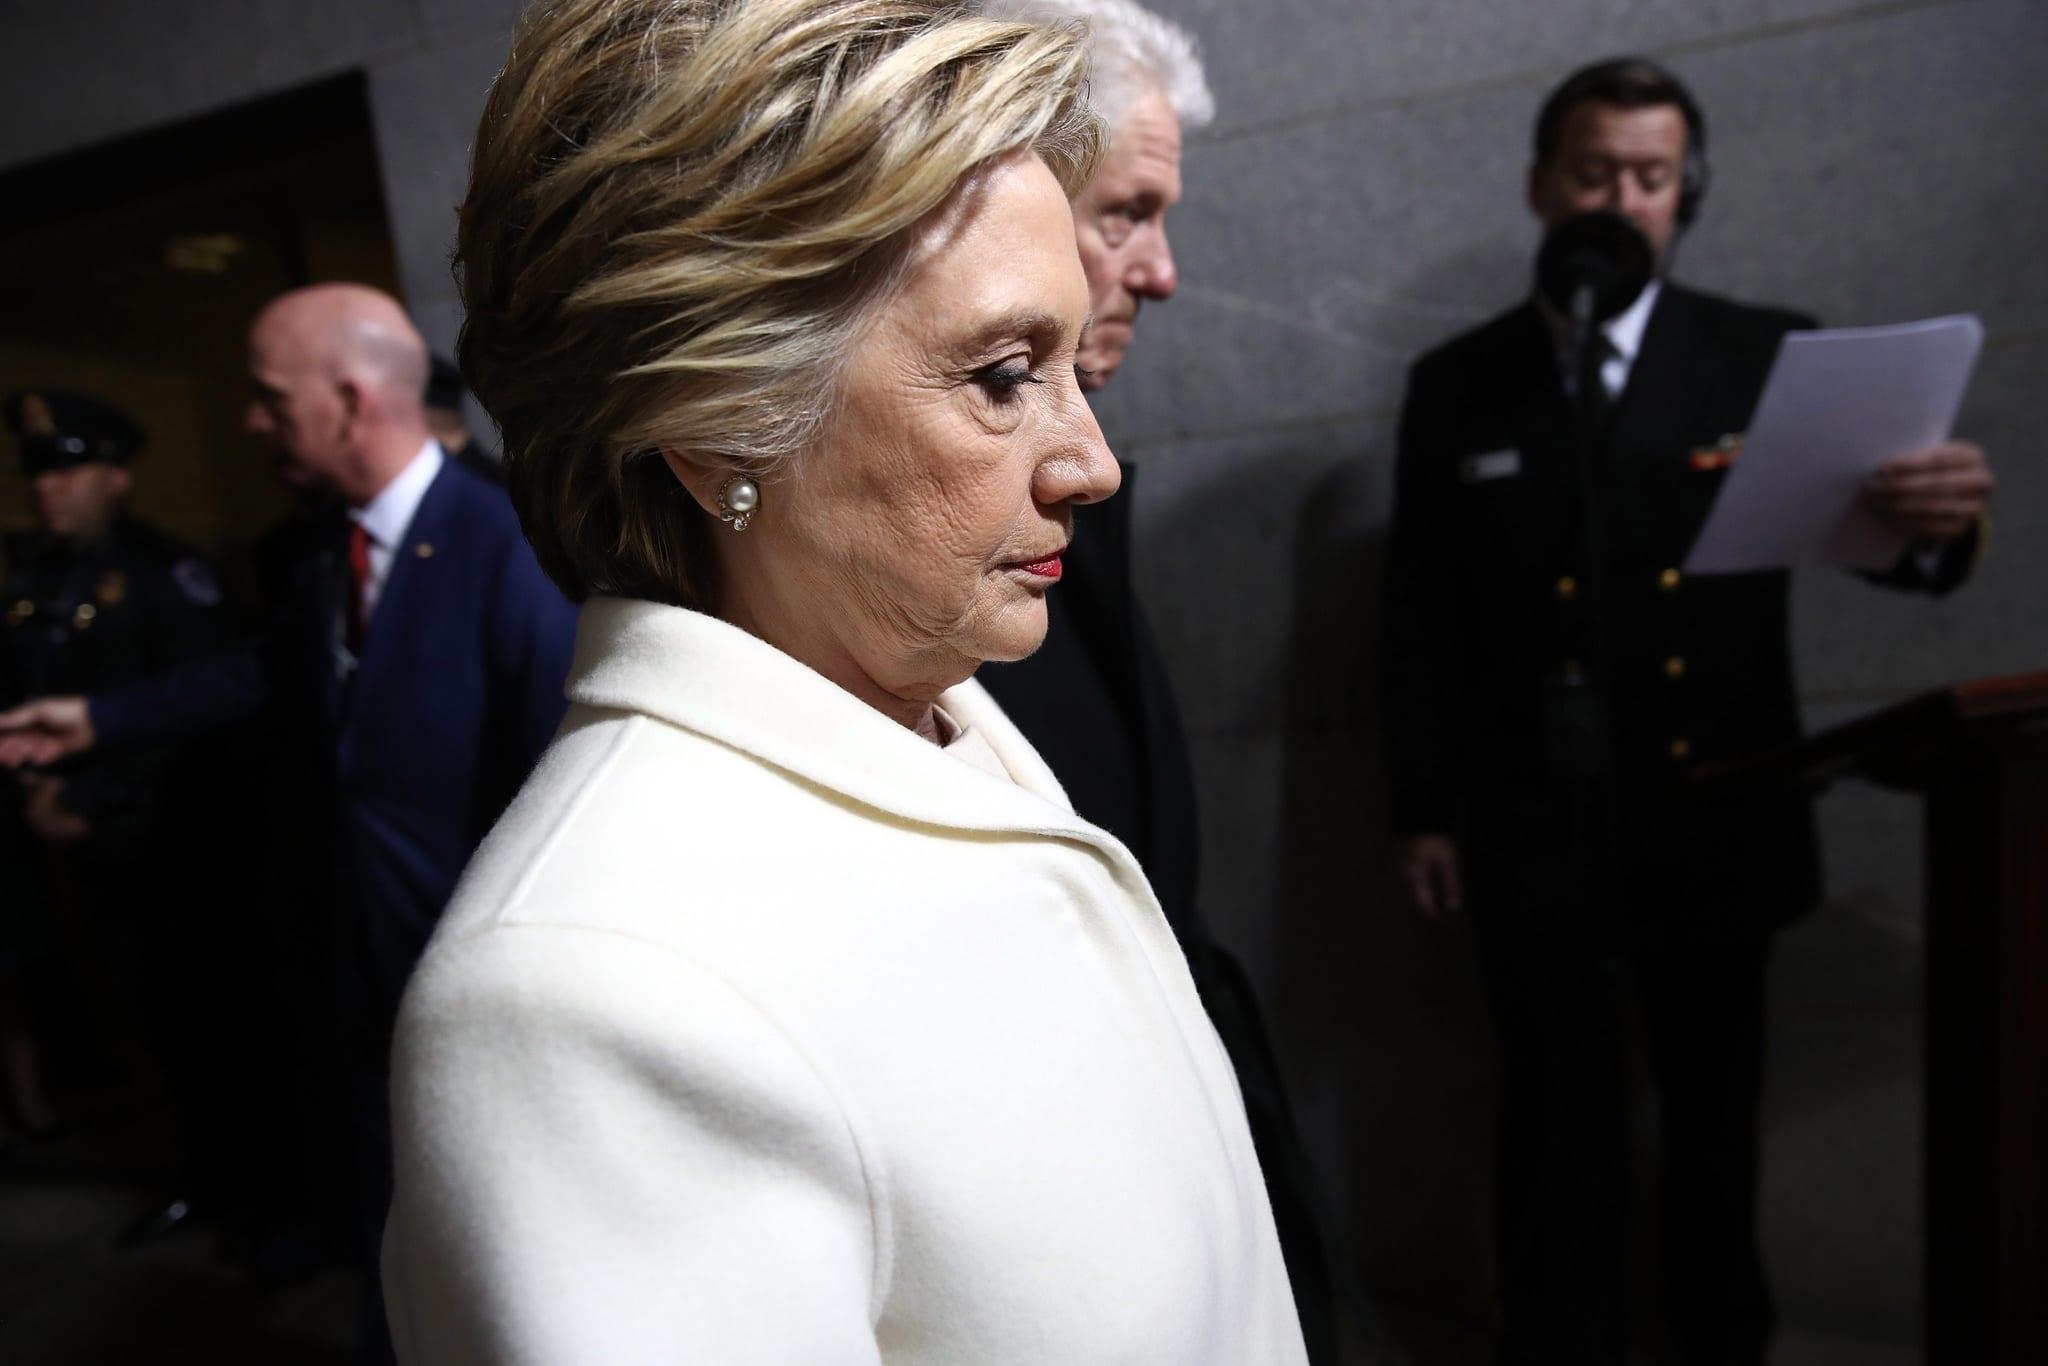 PÚBLICO - O livro de Clinton sobre as eleições chama-se <i>O que aconteceu</i> – e não é uma pergunta